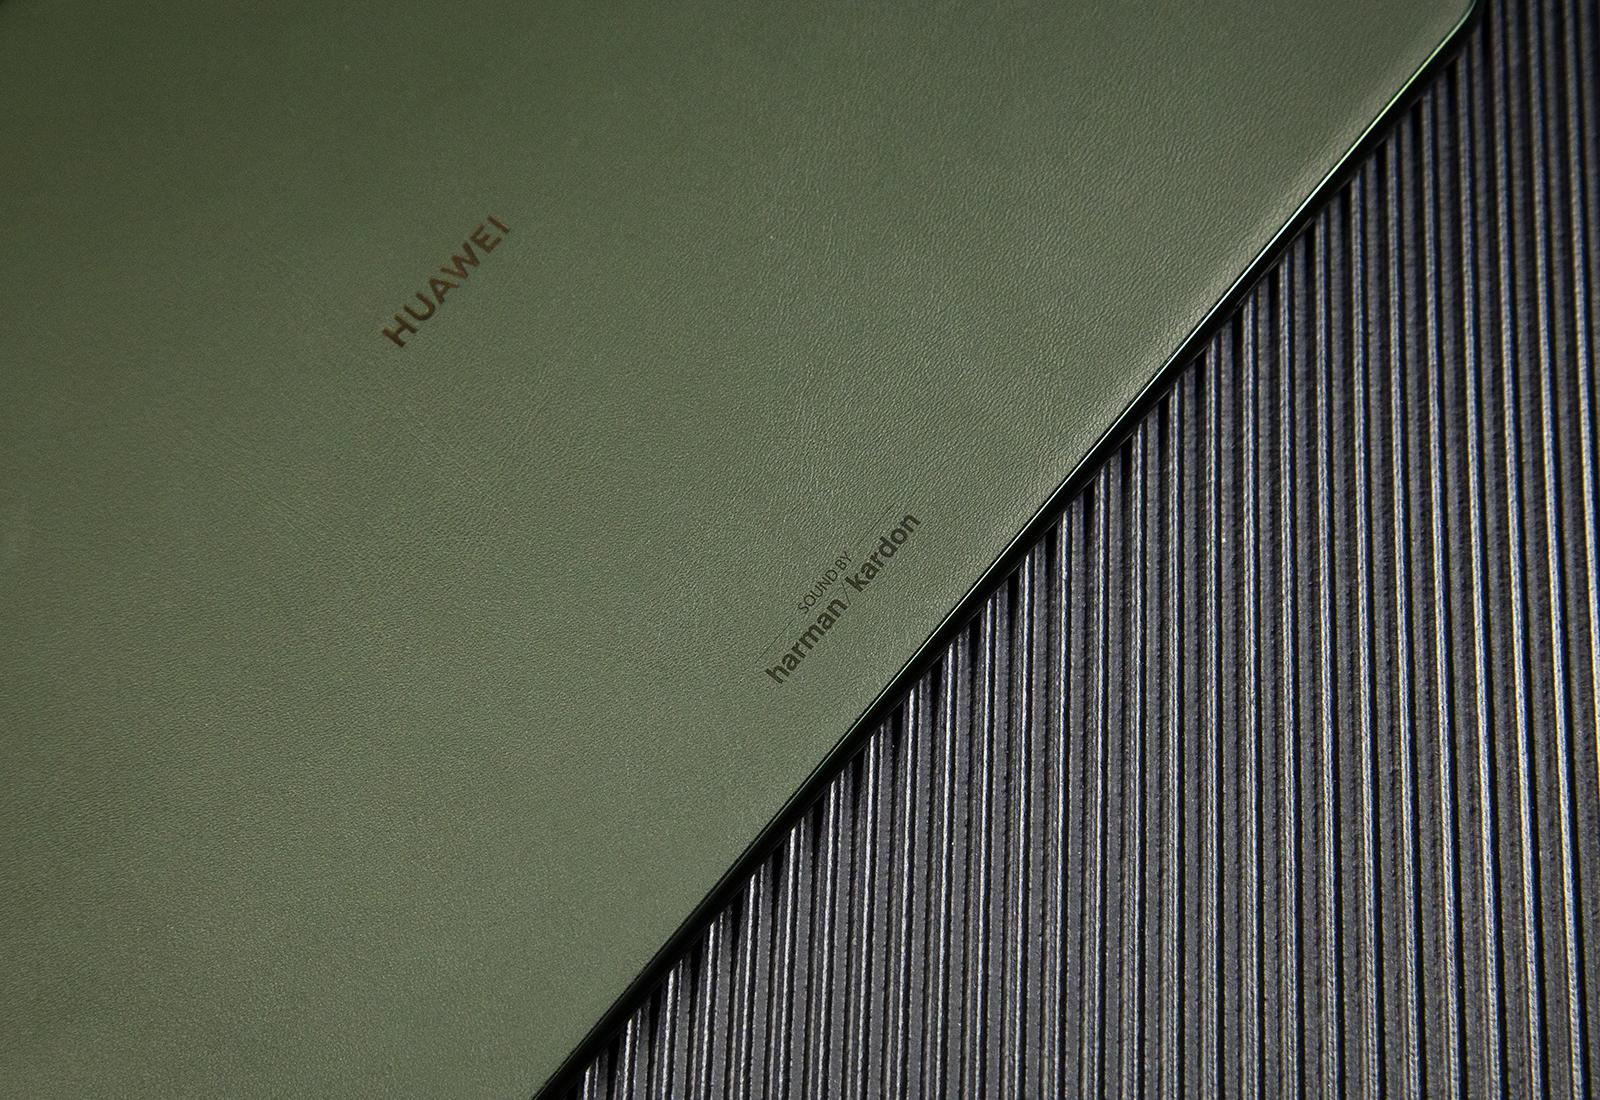 2021年9月23日,华为MatePad 11发布新配色——夏日胡杨,在美学层面将简约低调的配色风格与手感细腻的素皮材质巧妙融合,兼顾了时尚与质感。胡杨是沙漠中最别致的画卷,也是沙漠中永远不倒的丰碑,